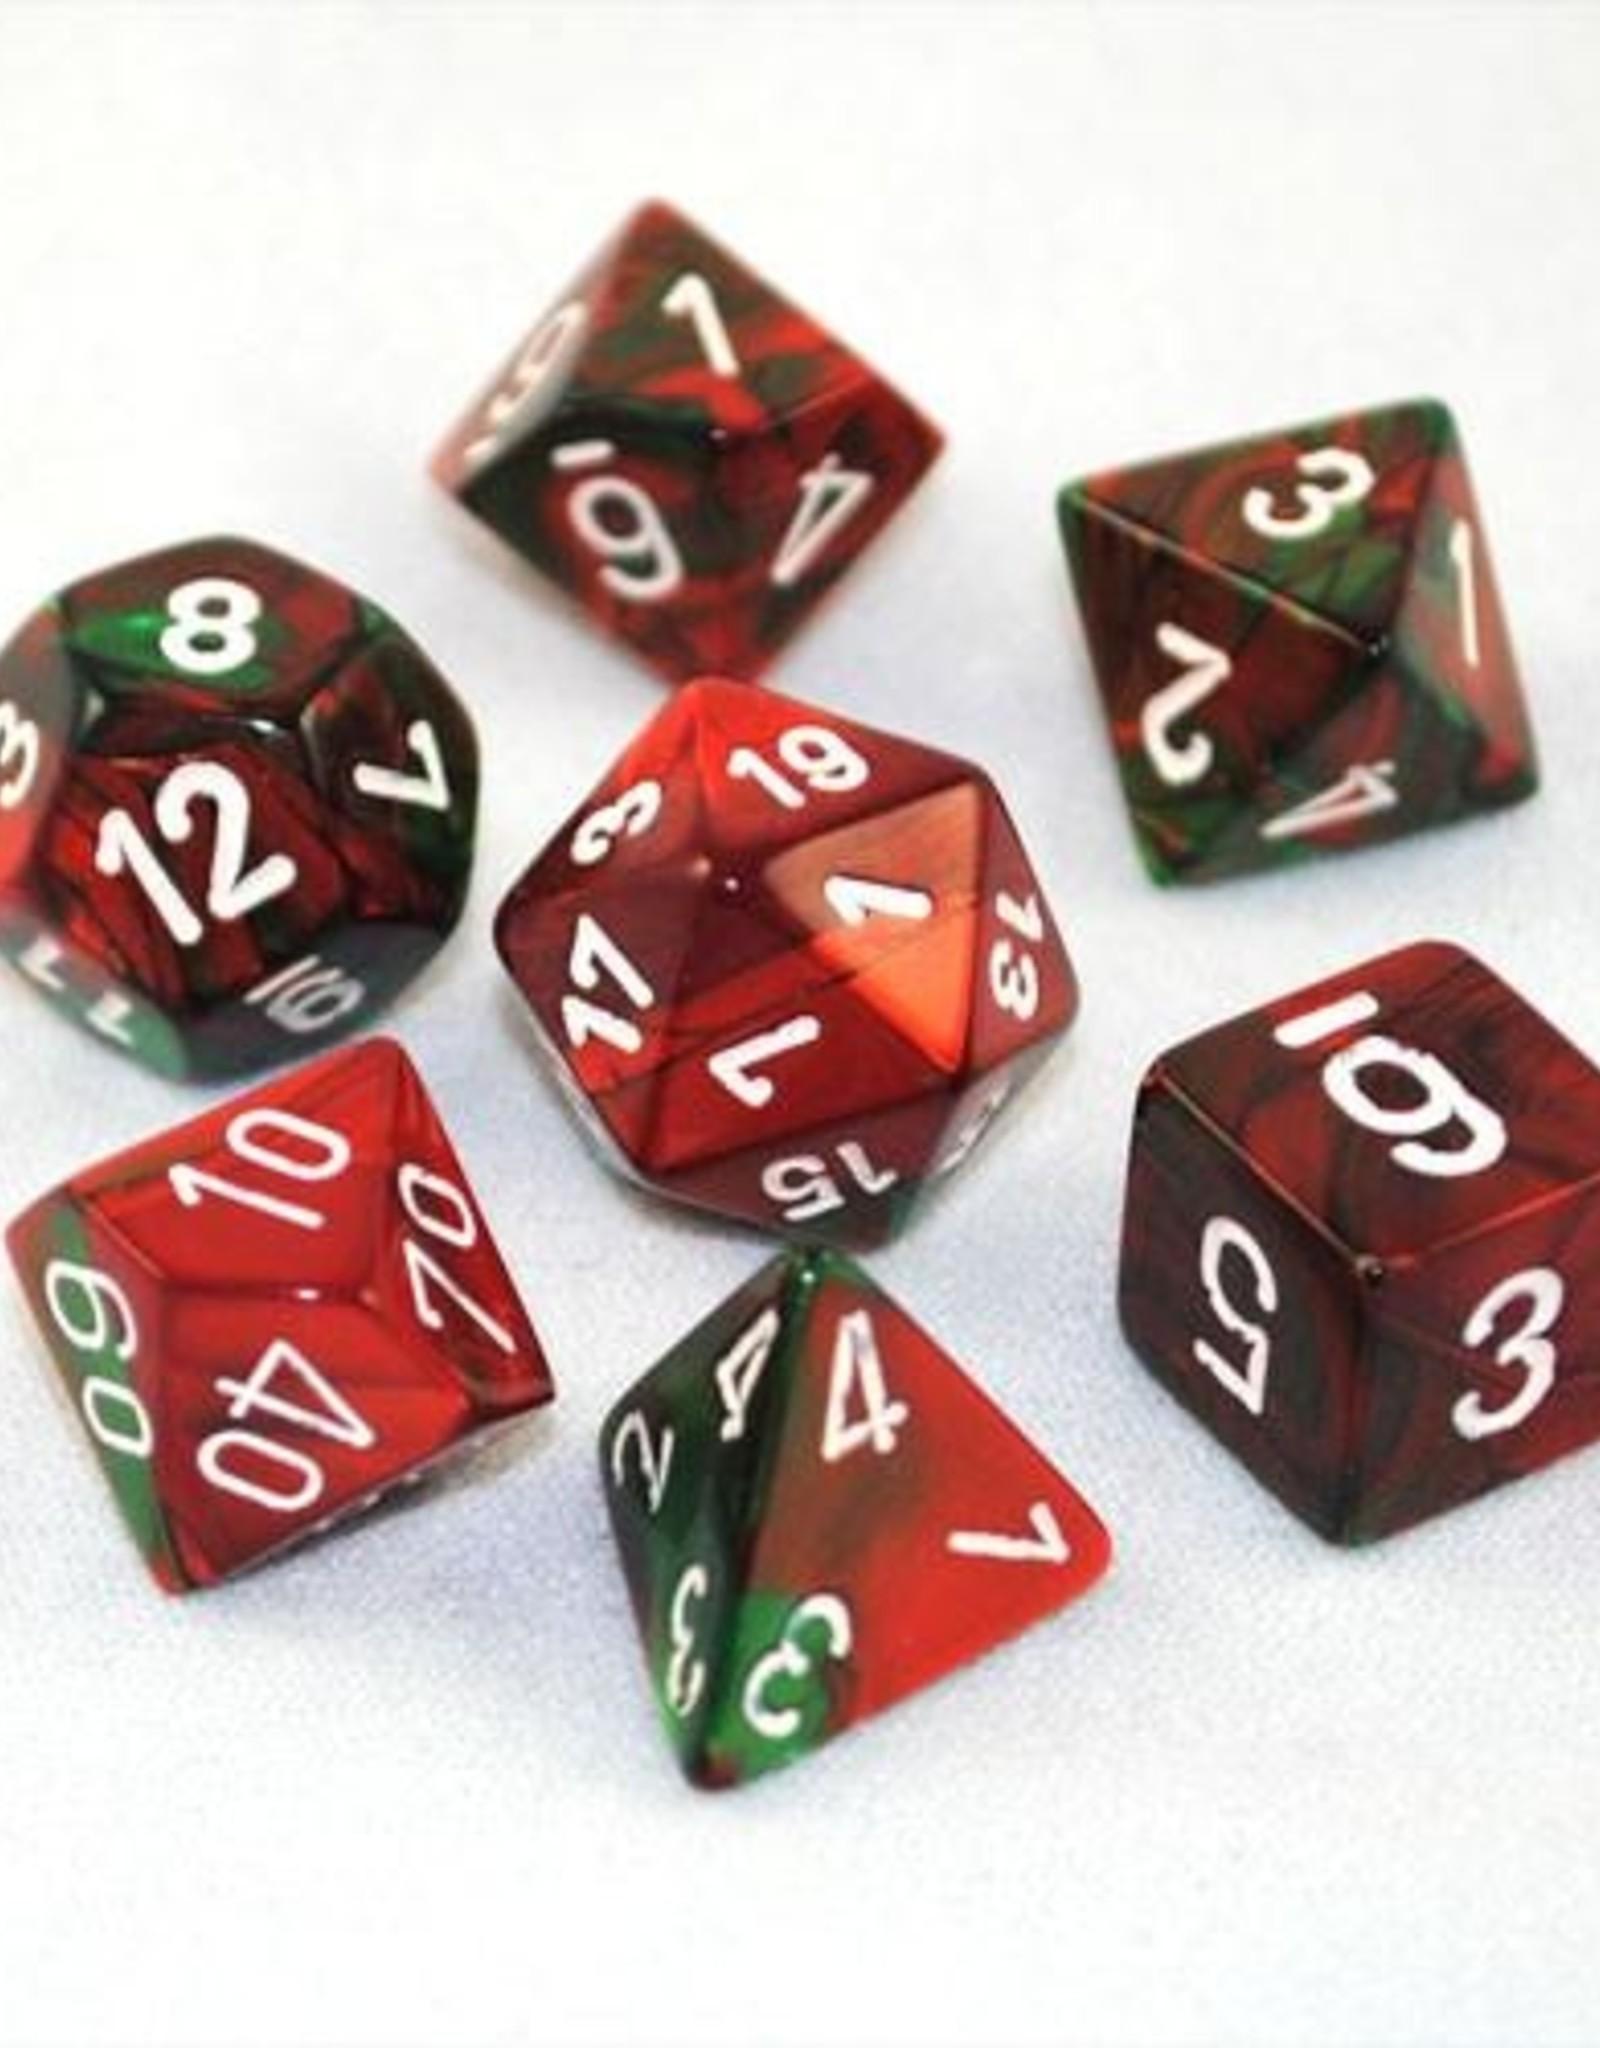 Chessex Chessex 7-Die set Gemini - Green-Red/White